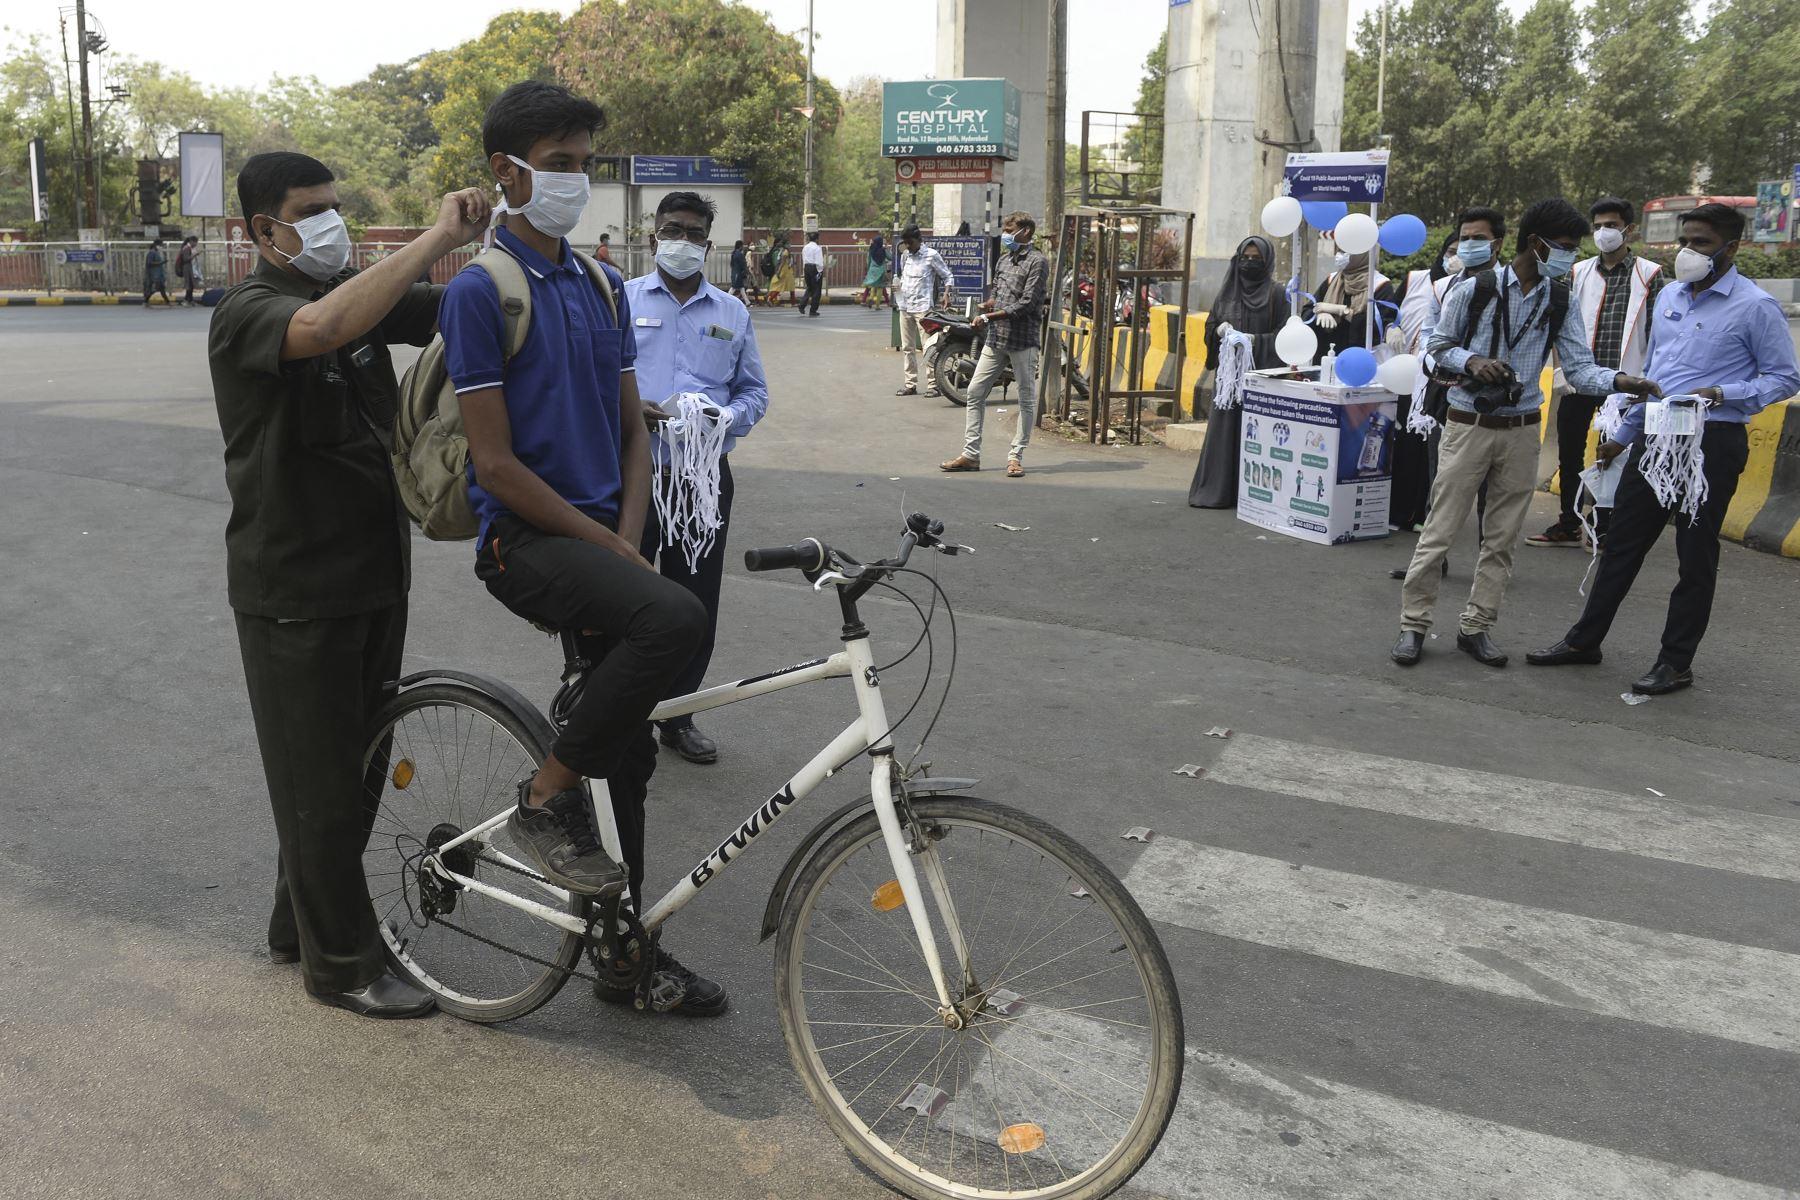 Un trabajador de la salud ayuda a un ciclista a ponerse una mascarilla durante una campaña de concientización contra la propagación del coronavirus Covid-19, en Hyderabad, India. Foto: AFP